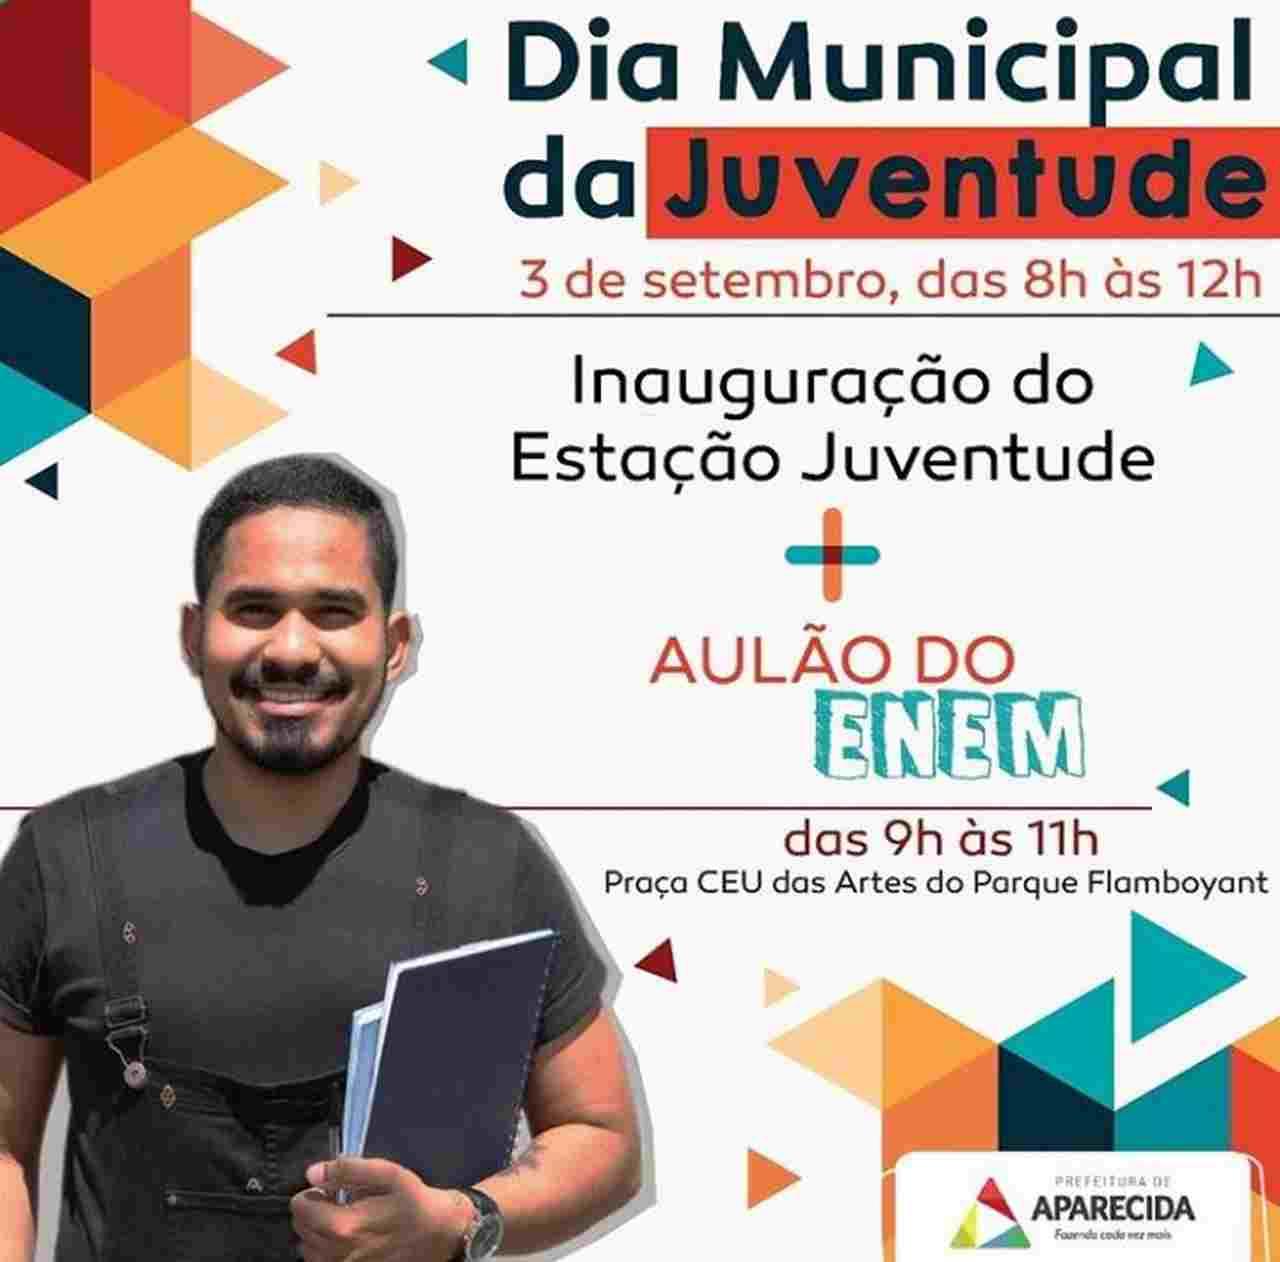 Dia Municipal da Juventude Aparecida